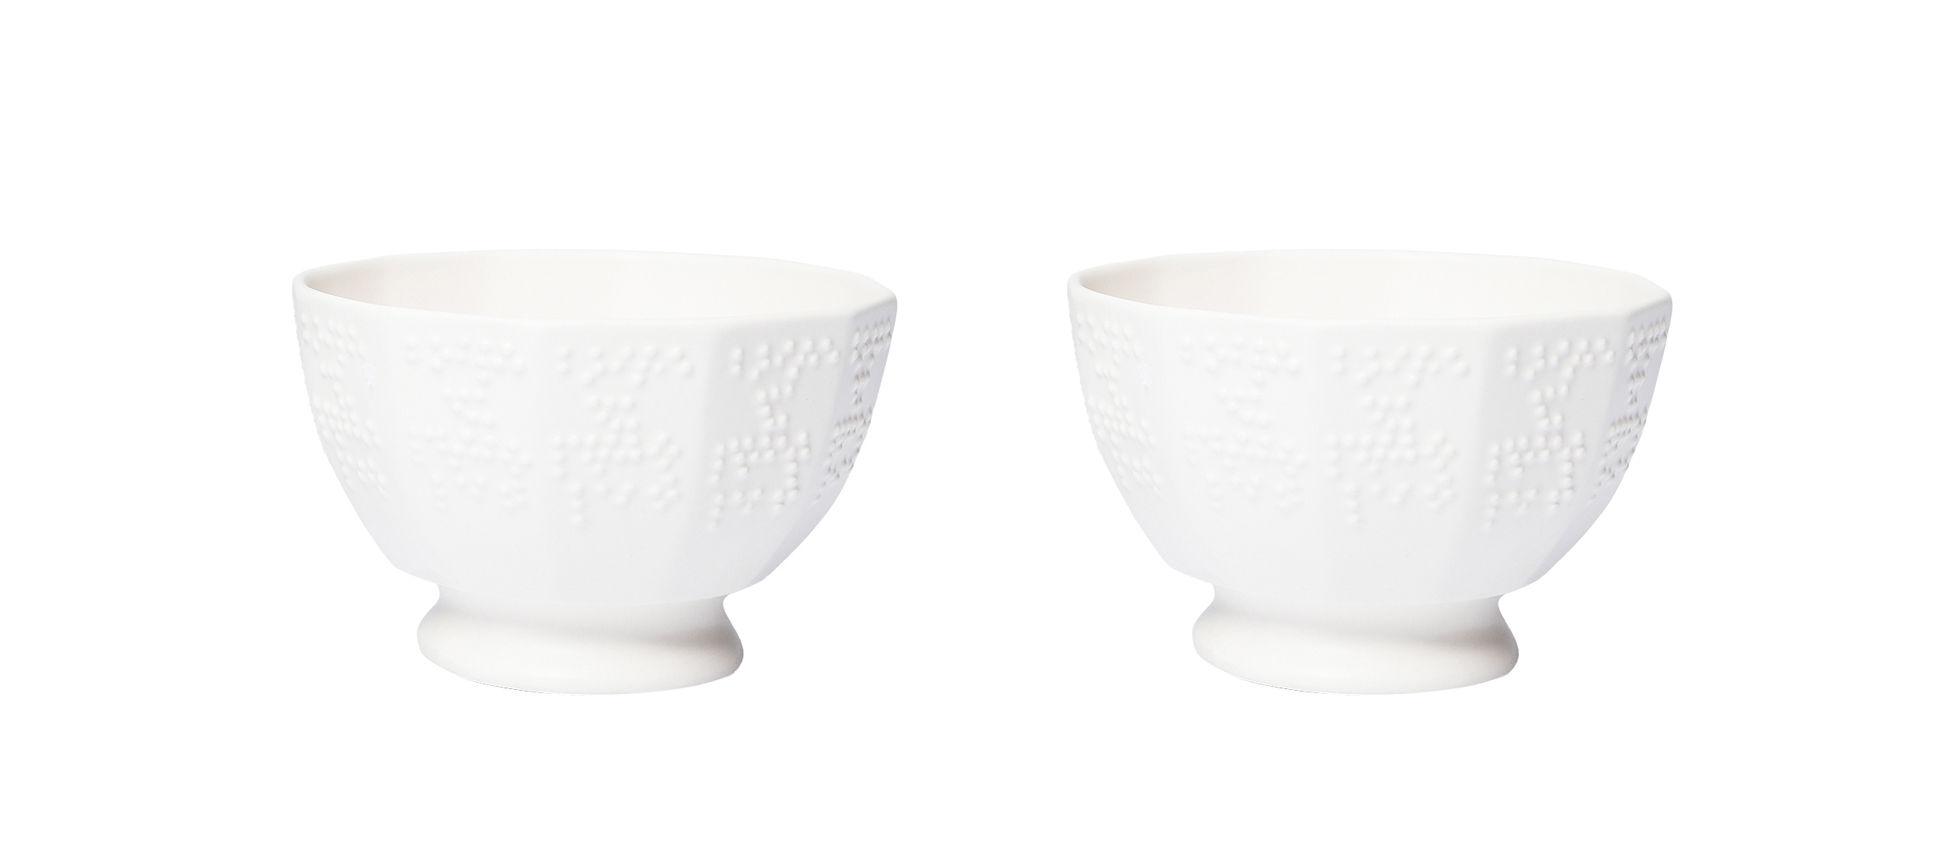 Arts de la table - Saladiers, coupes et bols - Bol Figures 1bis / Set de 2 - Petite Friture - Ø 10 - Blanc crème / Motifs en braille - Céramique